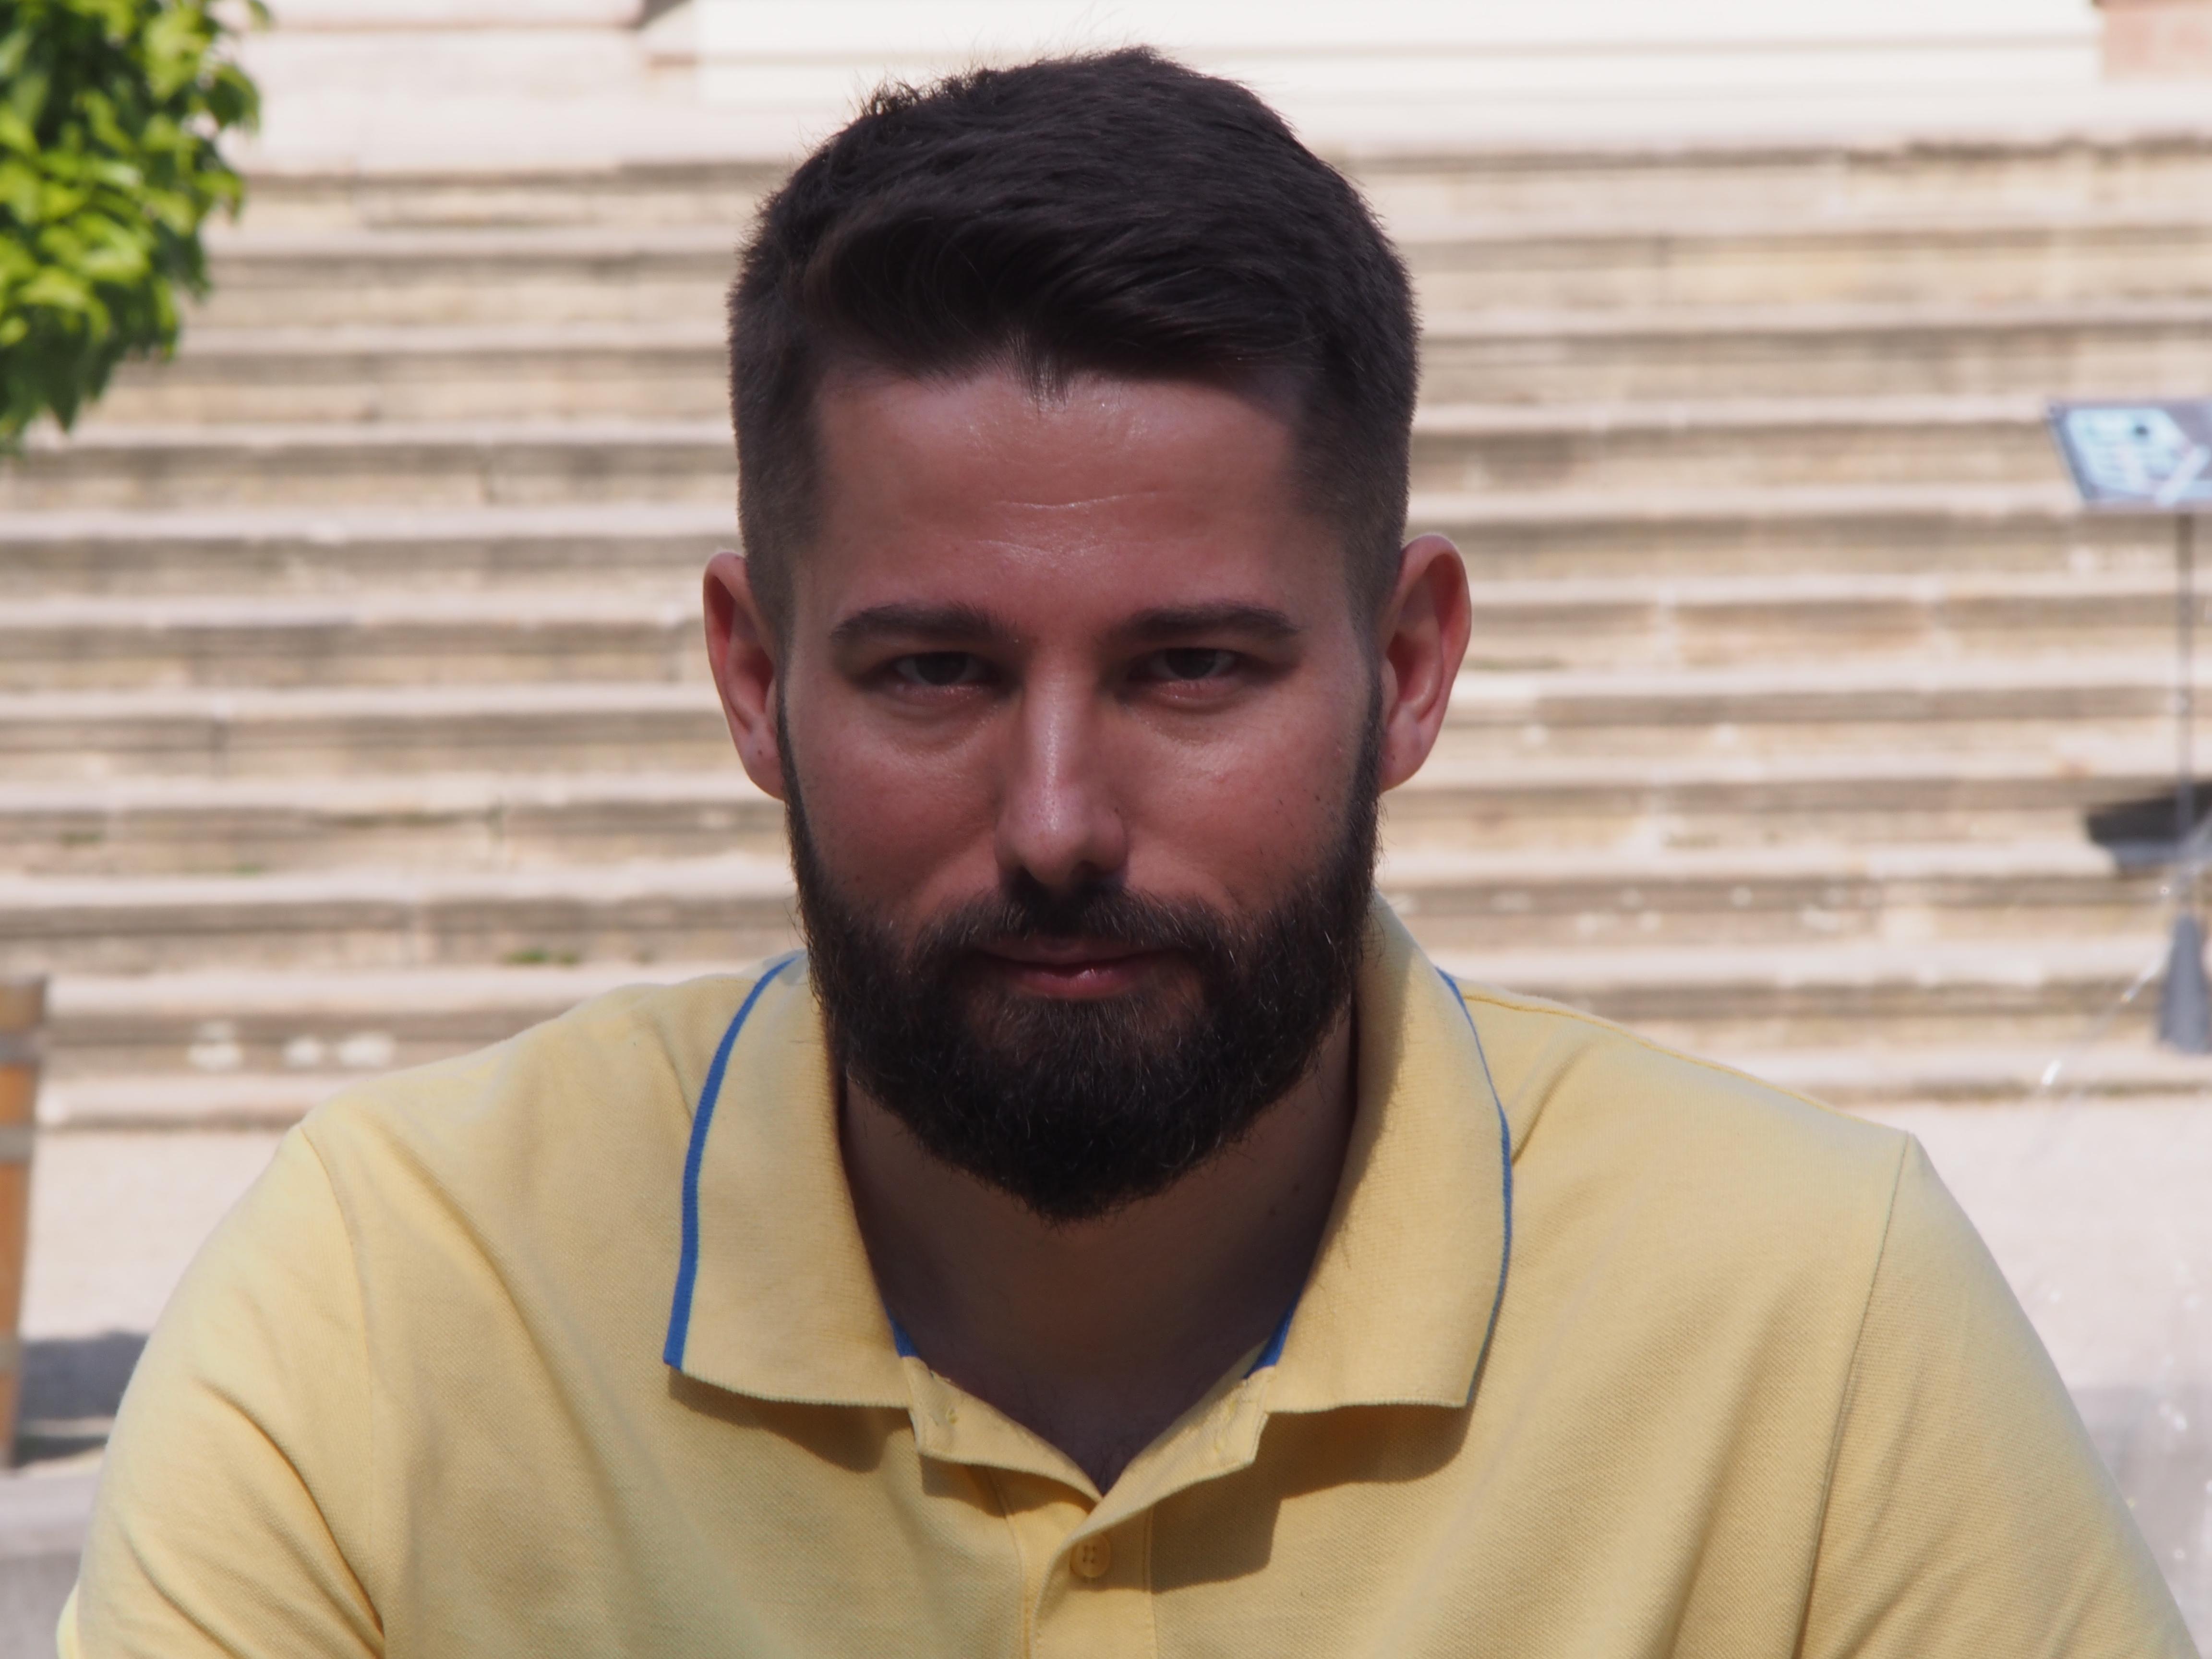 4bbca6f4f8 W dniu zaginięcia mężczyzna ubrany był w jasno-różową koszulę w ciemniejsze  kropki